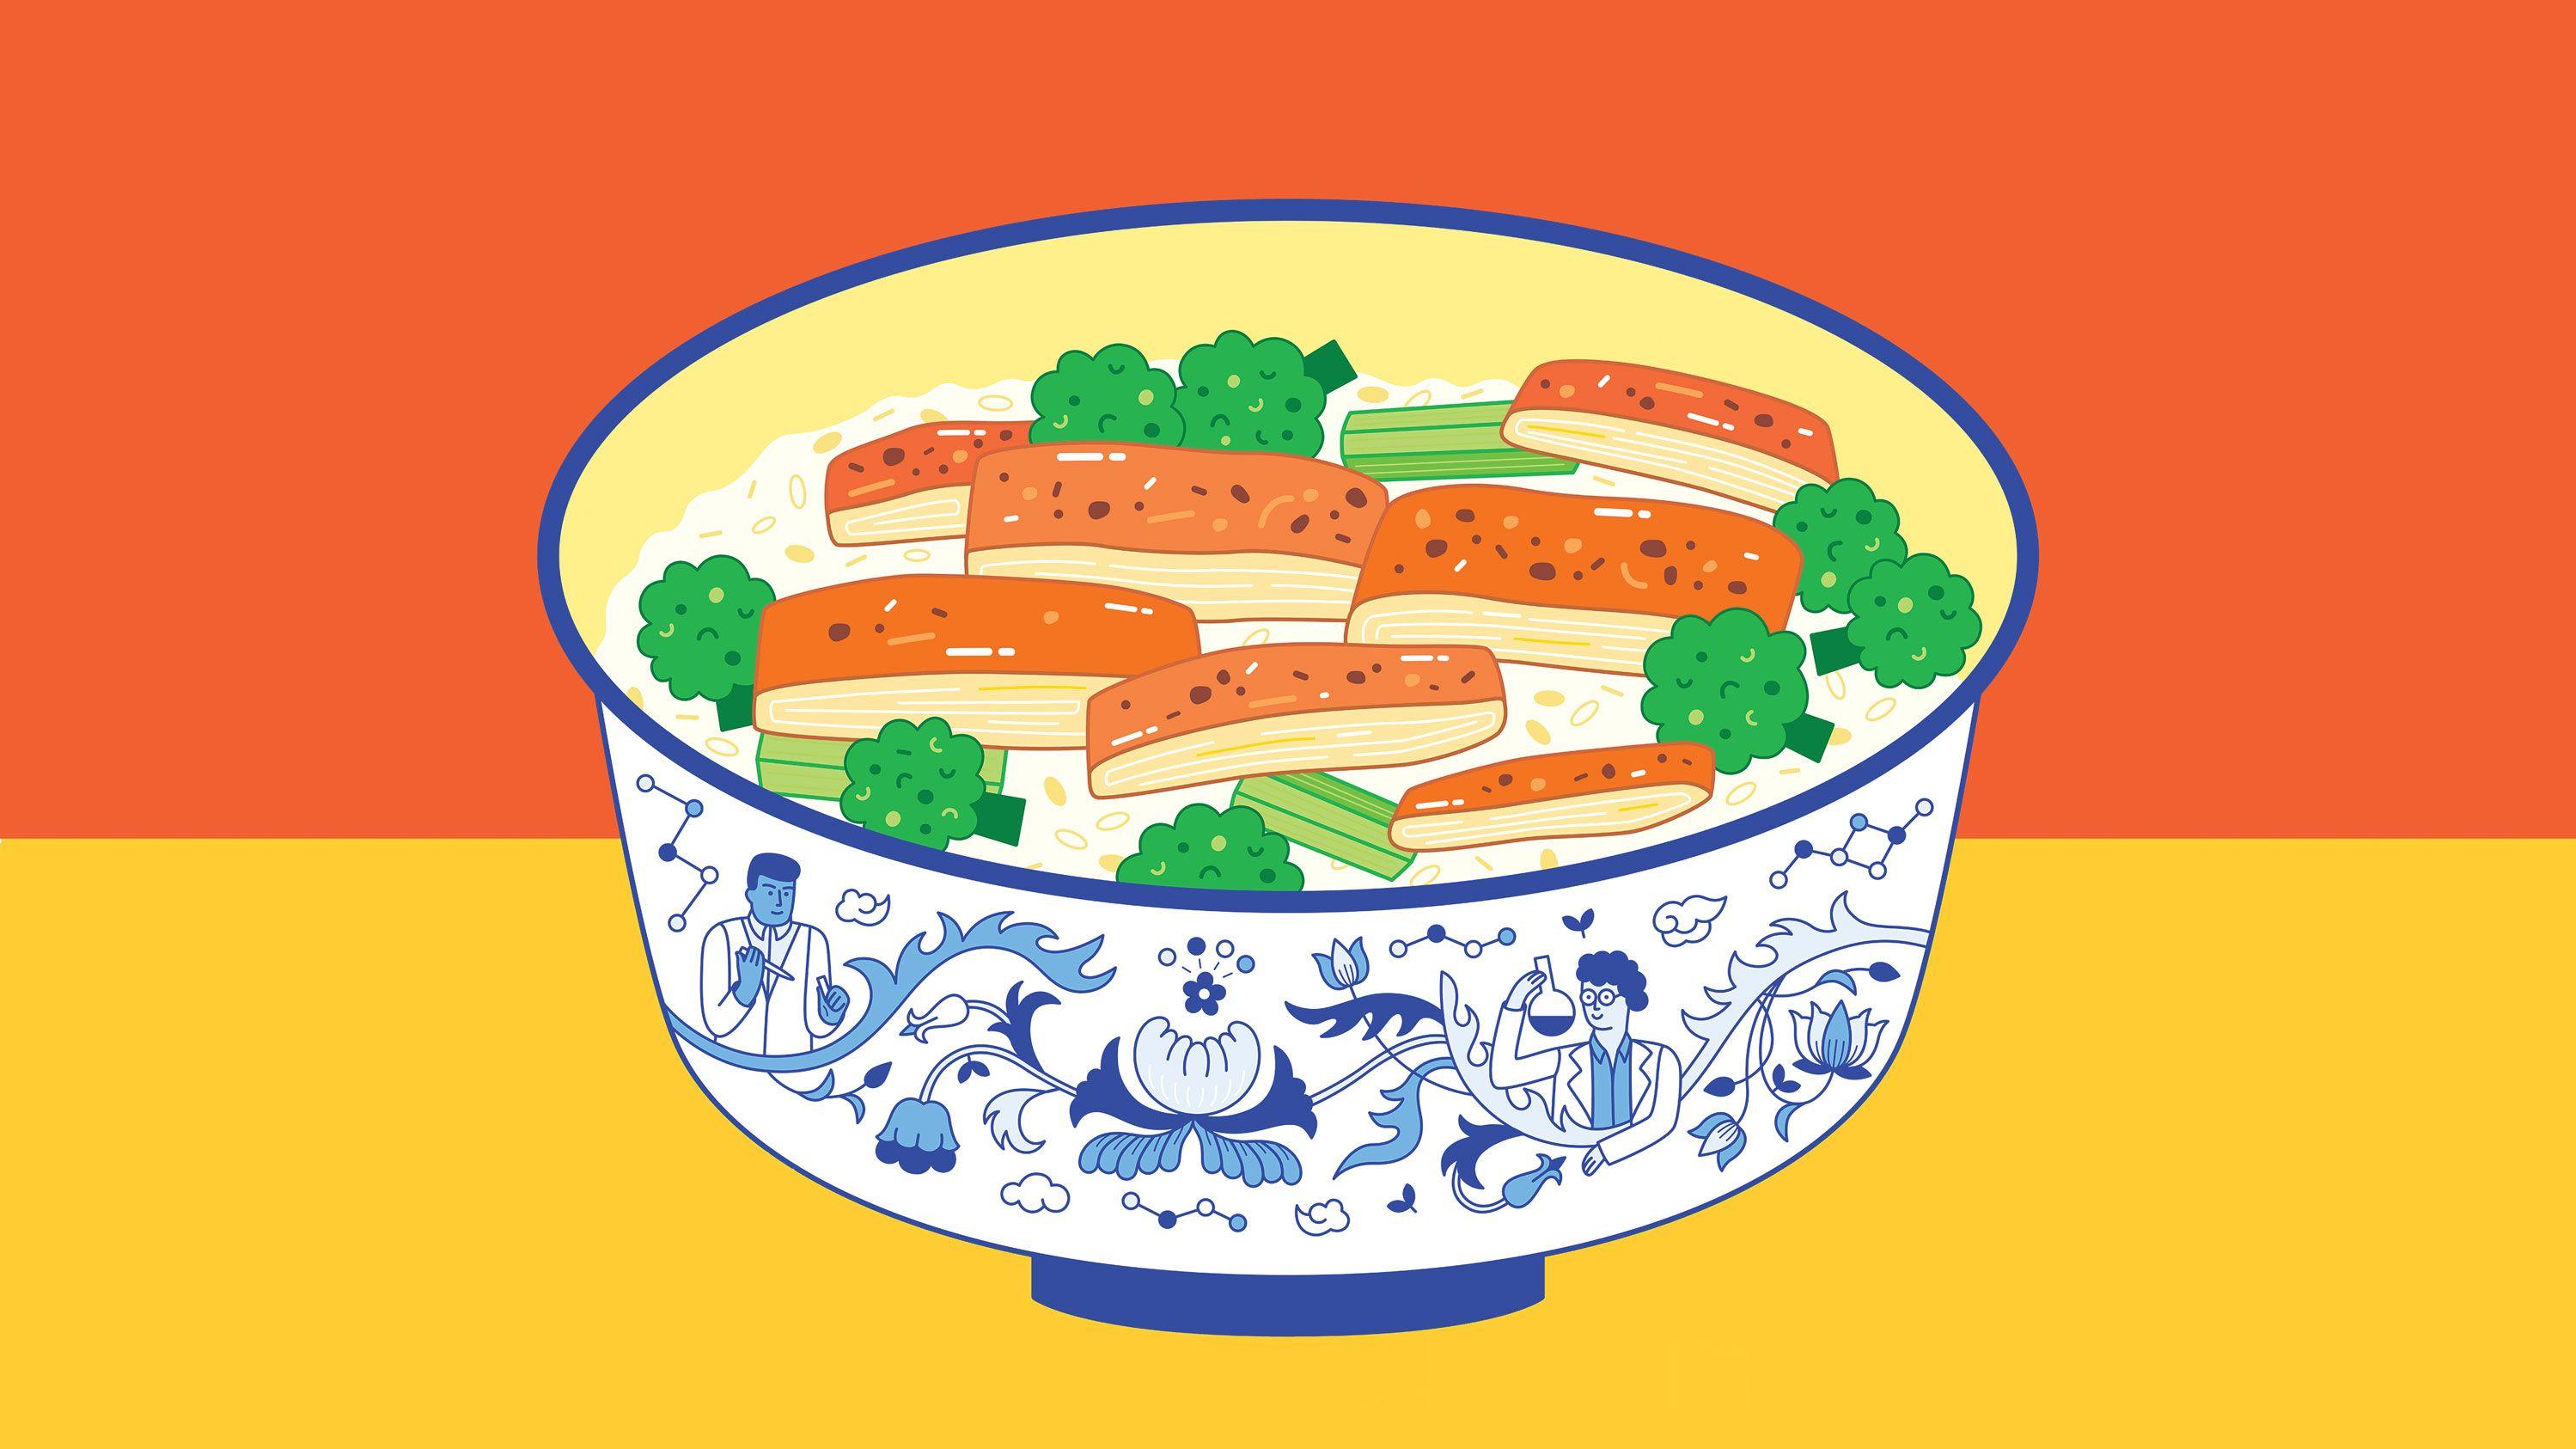 あなたが食べたいのは 代替肉?それとも培養肉? 次世代「肉」競争の行方